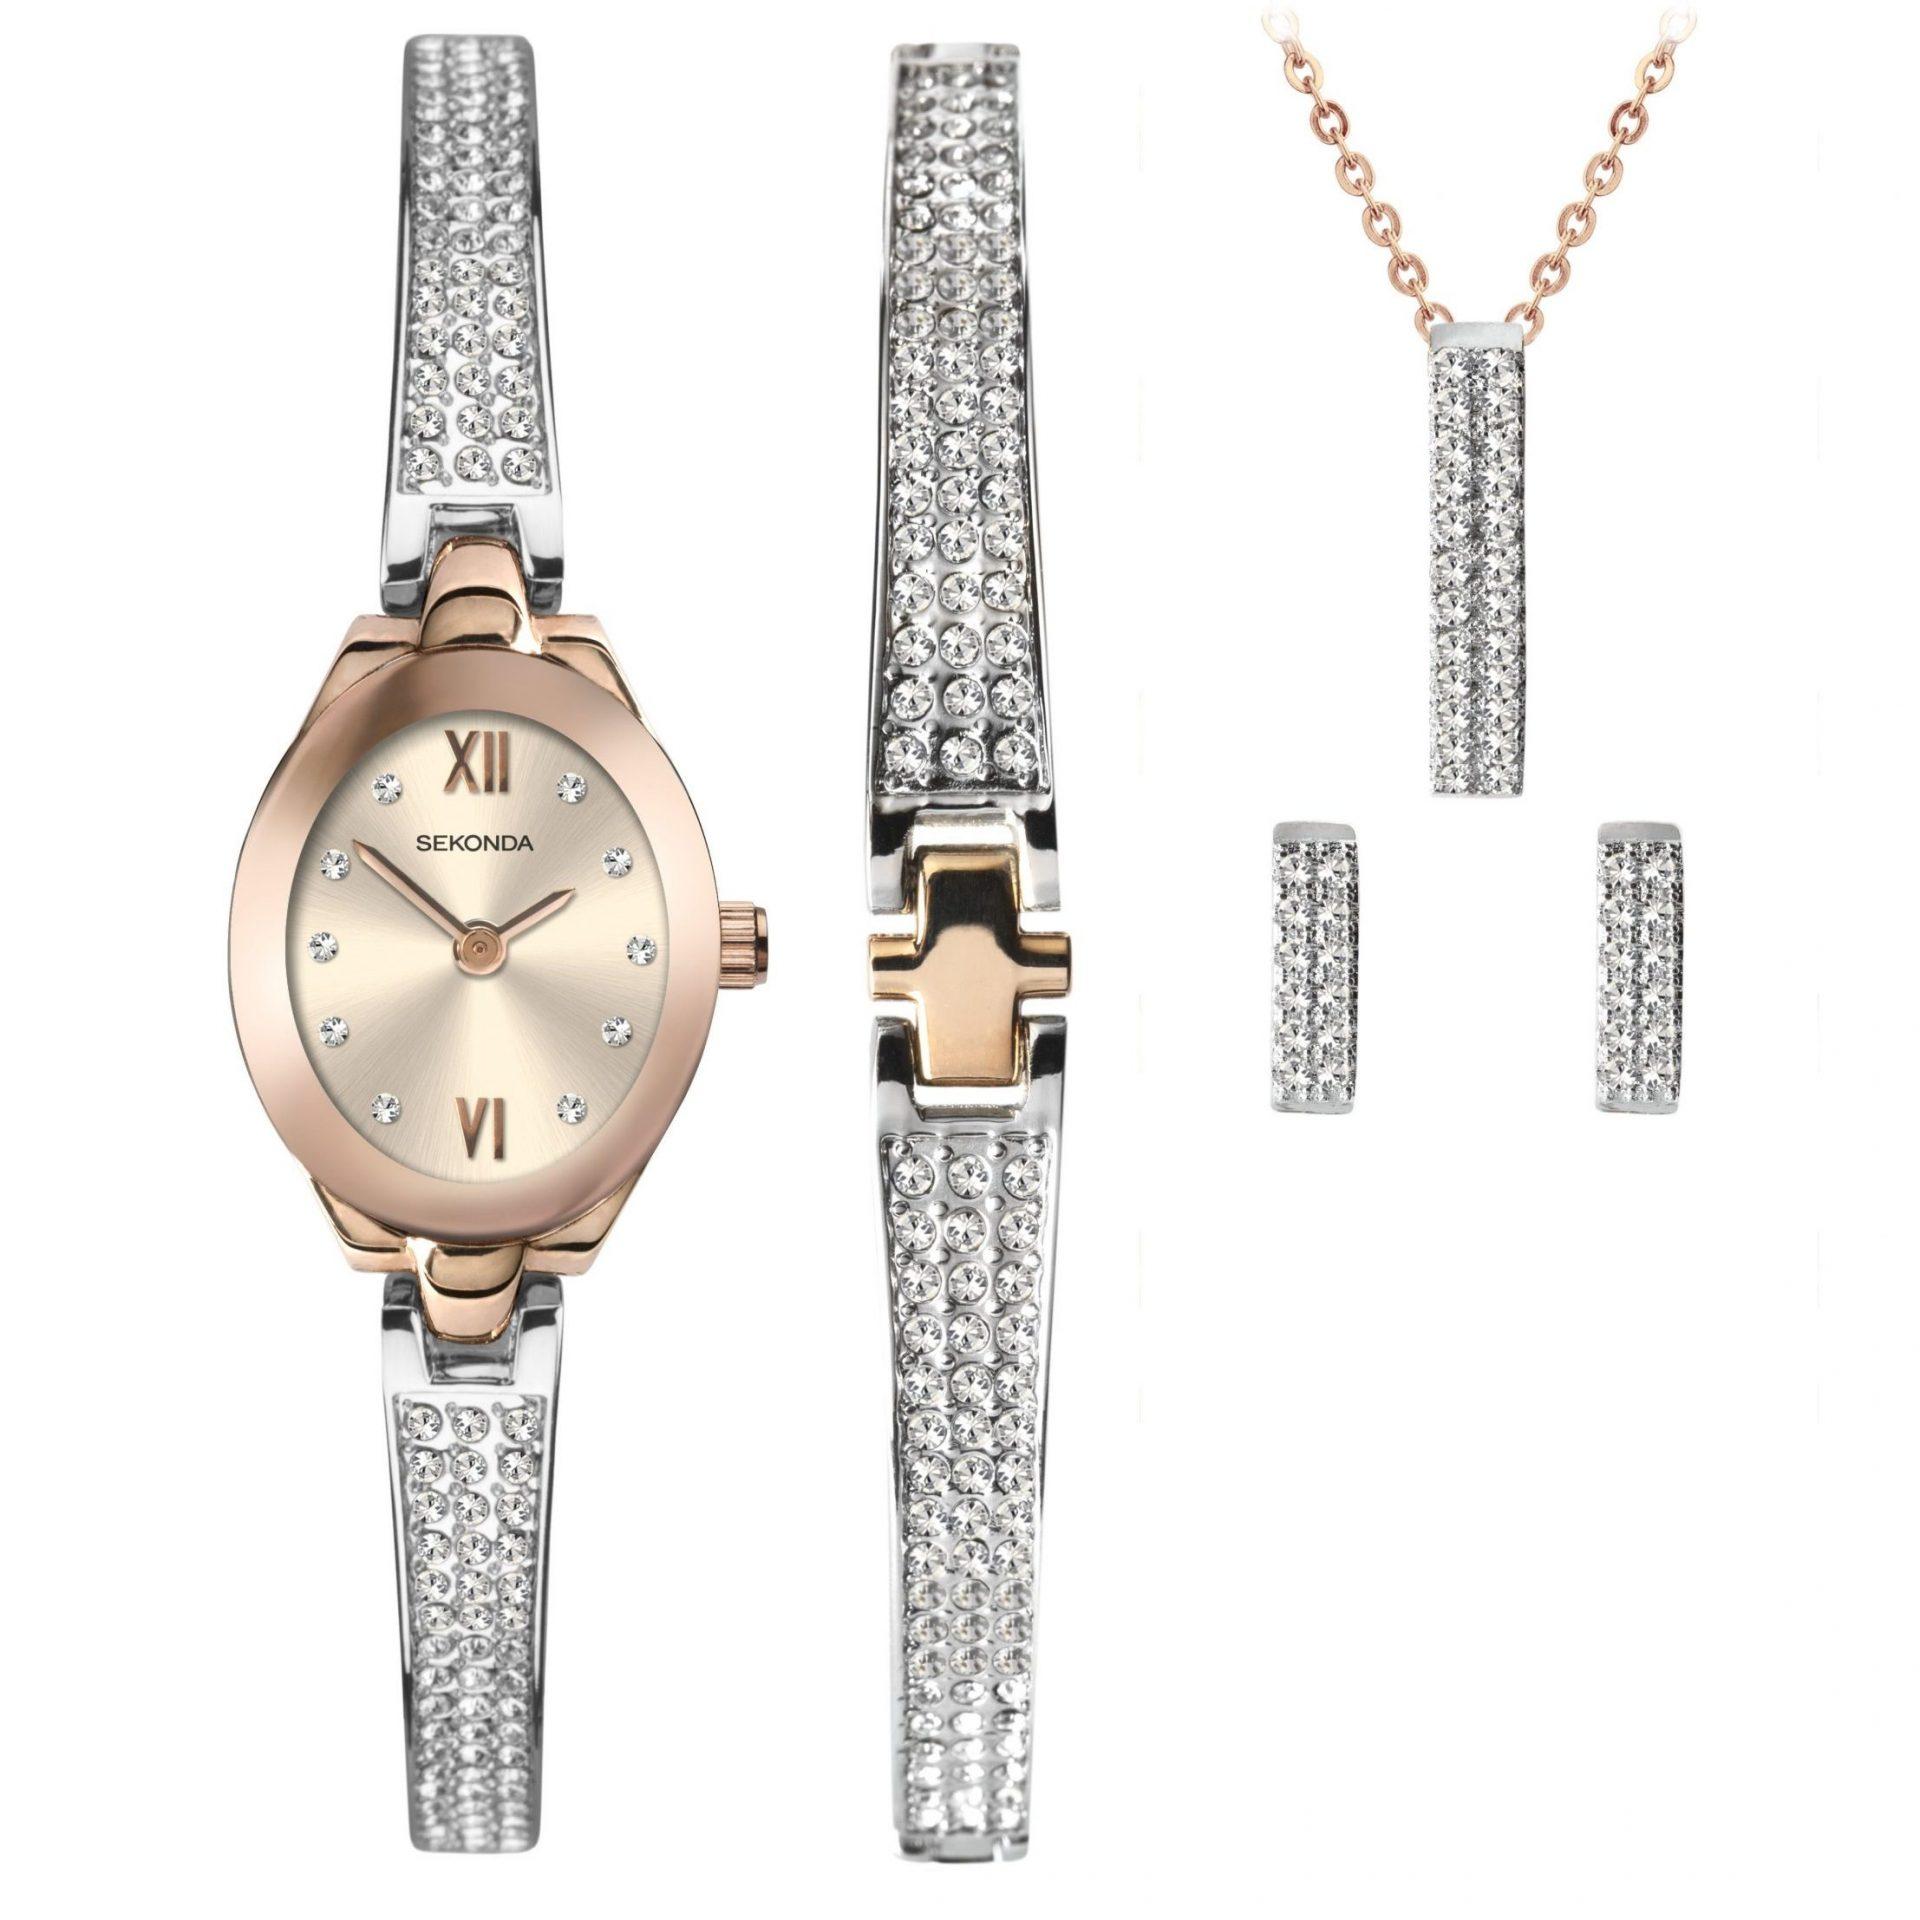 Ženski Sekonda četvorodelni poklon set sa roze zlatnim satom sa srebrnom narukvicom sa cirkonima, srebrnom narukvico sa roze zlatnim detaljima i cirkonima, roze zlatnom ogrlicom sa srebrnim priveskom sa cirkonima i srebrnim minđušama sa cirkonima